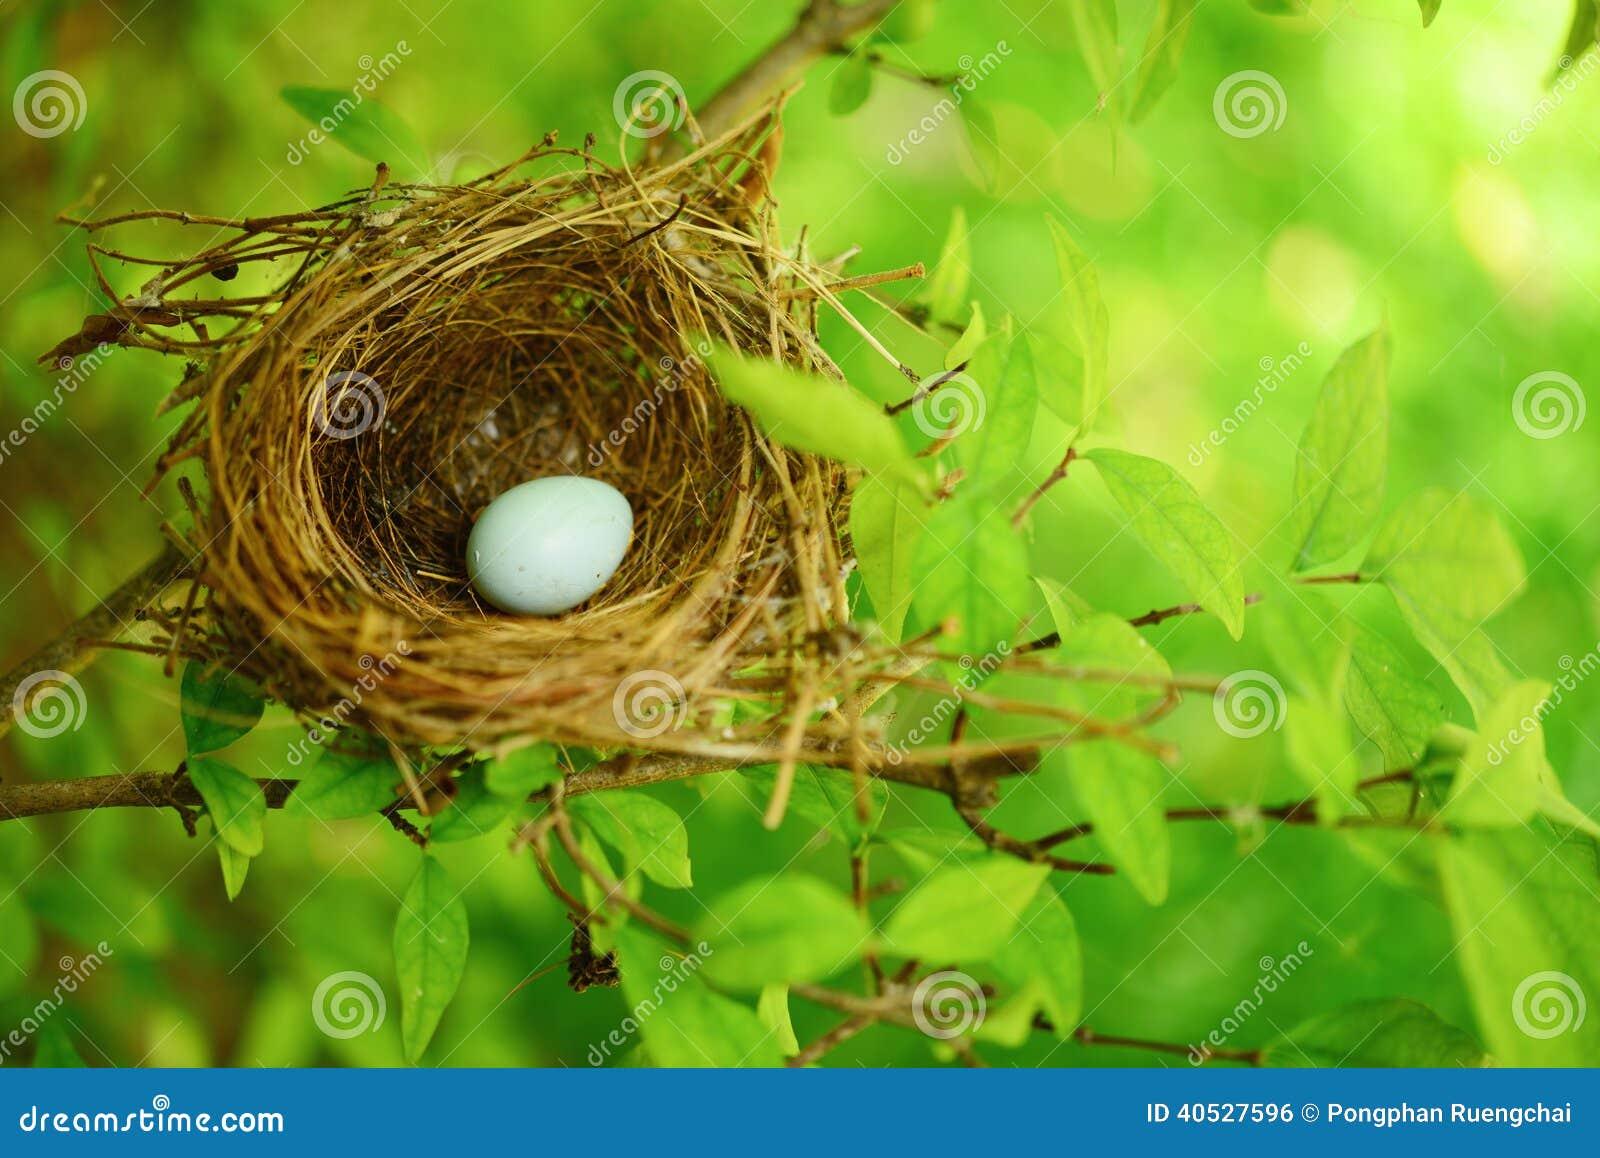 Bird nest on tree